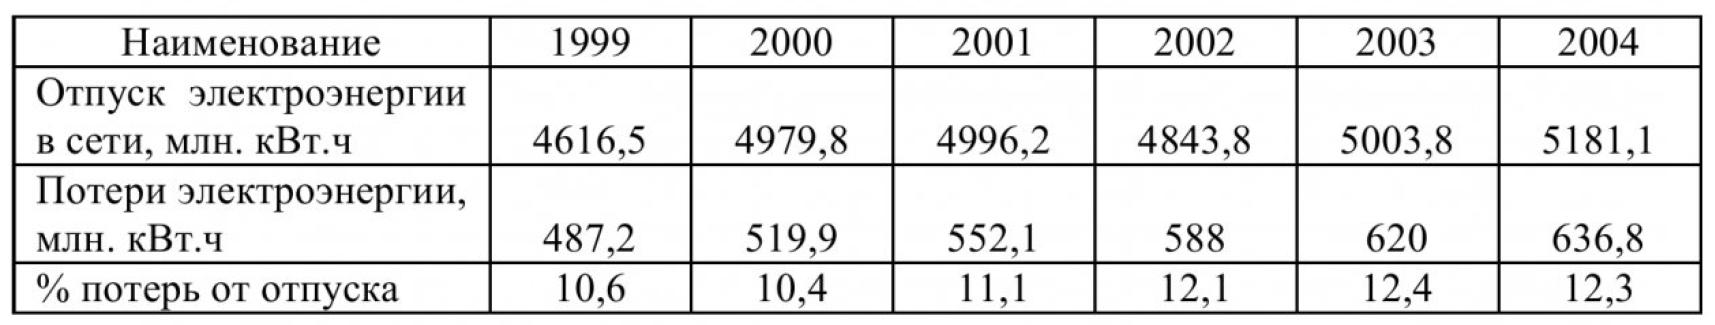 О потерях электрической энергии в распределительных электрических сетях Кузбасса 1